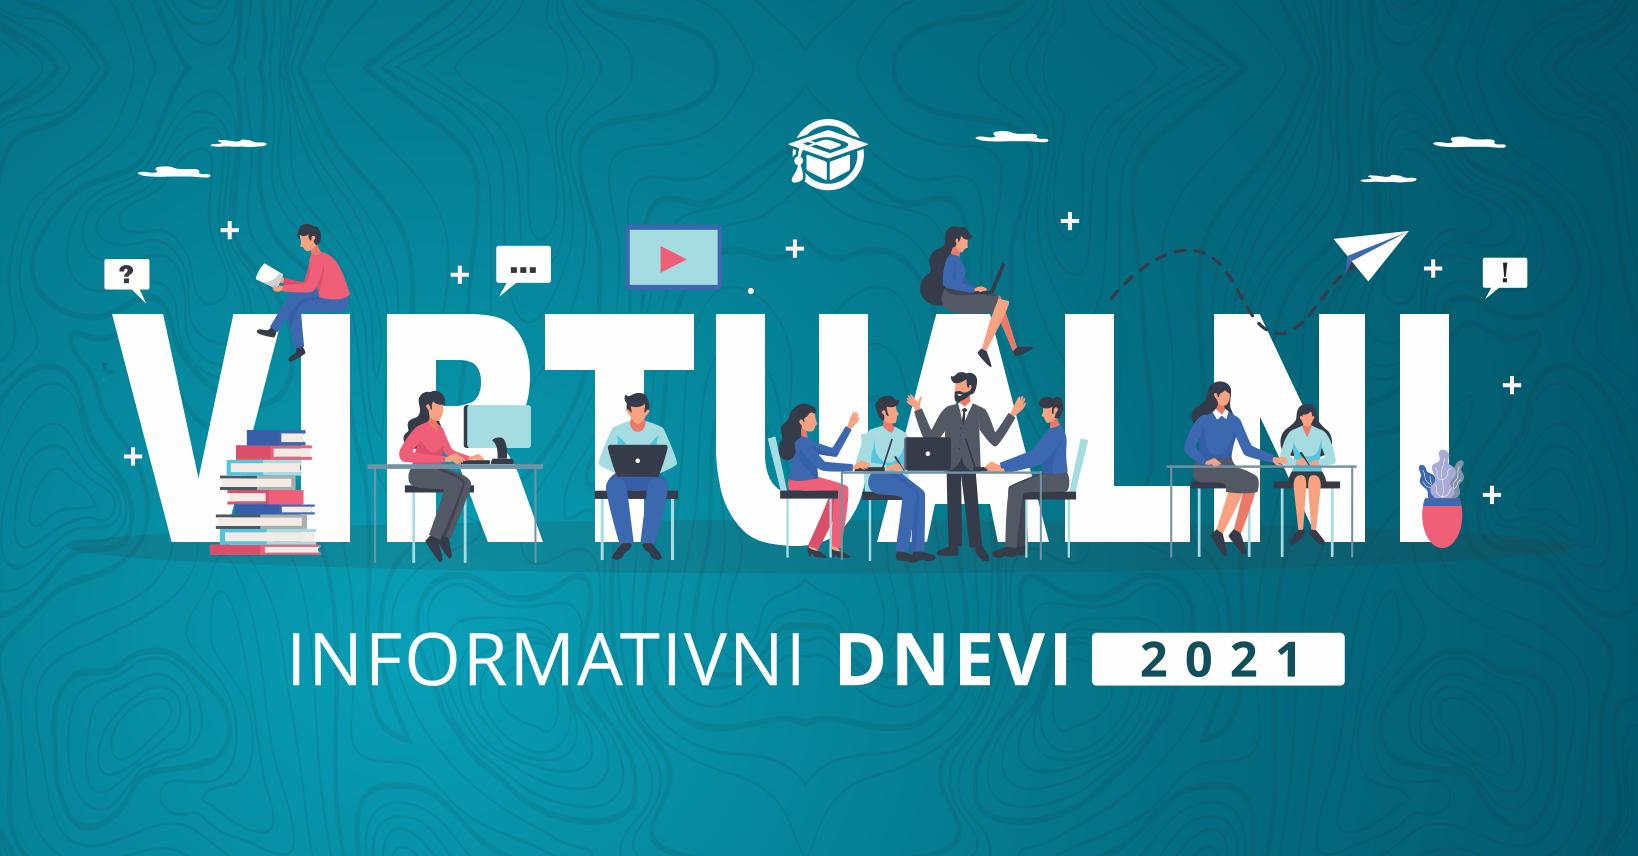 Virtualni informativni dnevi 2021 - virutalni vpogled v šole in njihove programe.